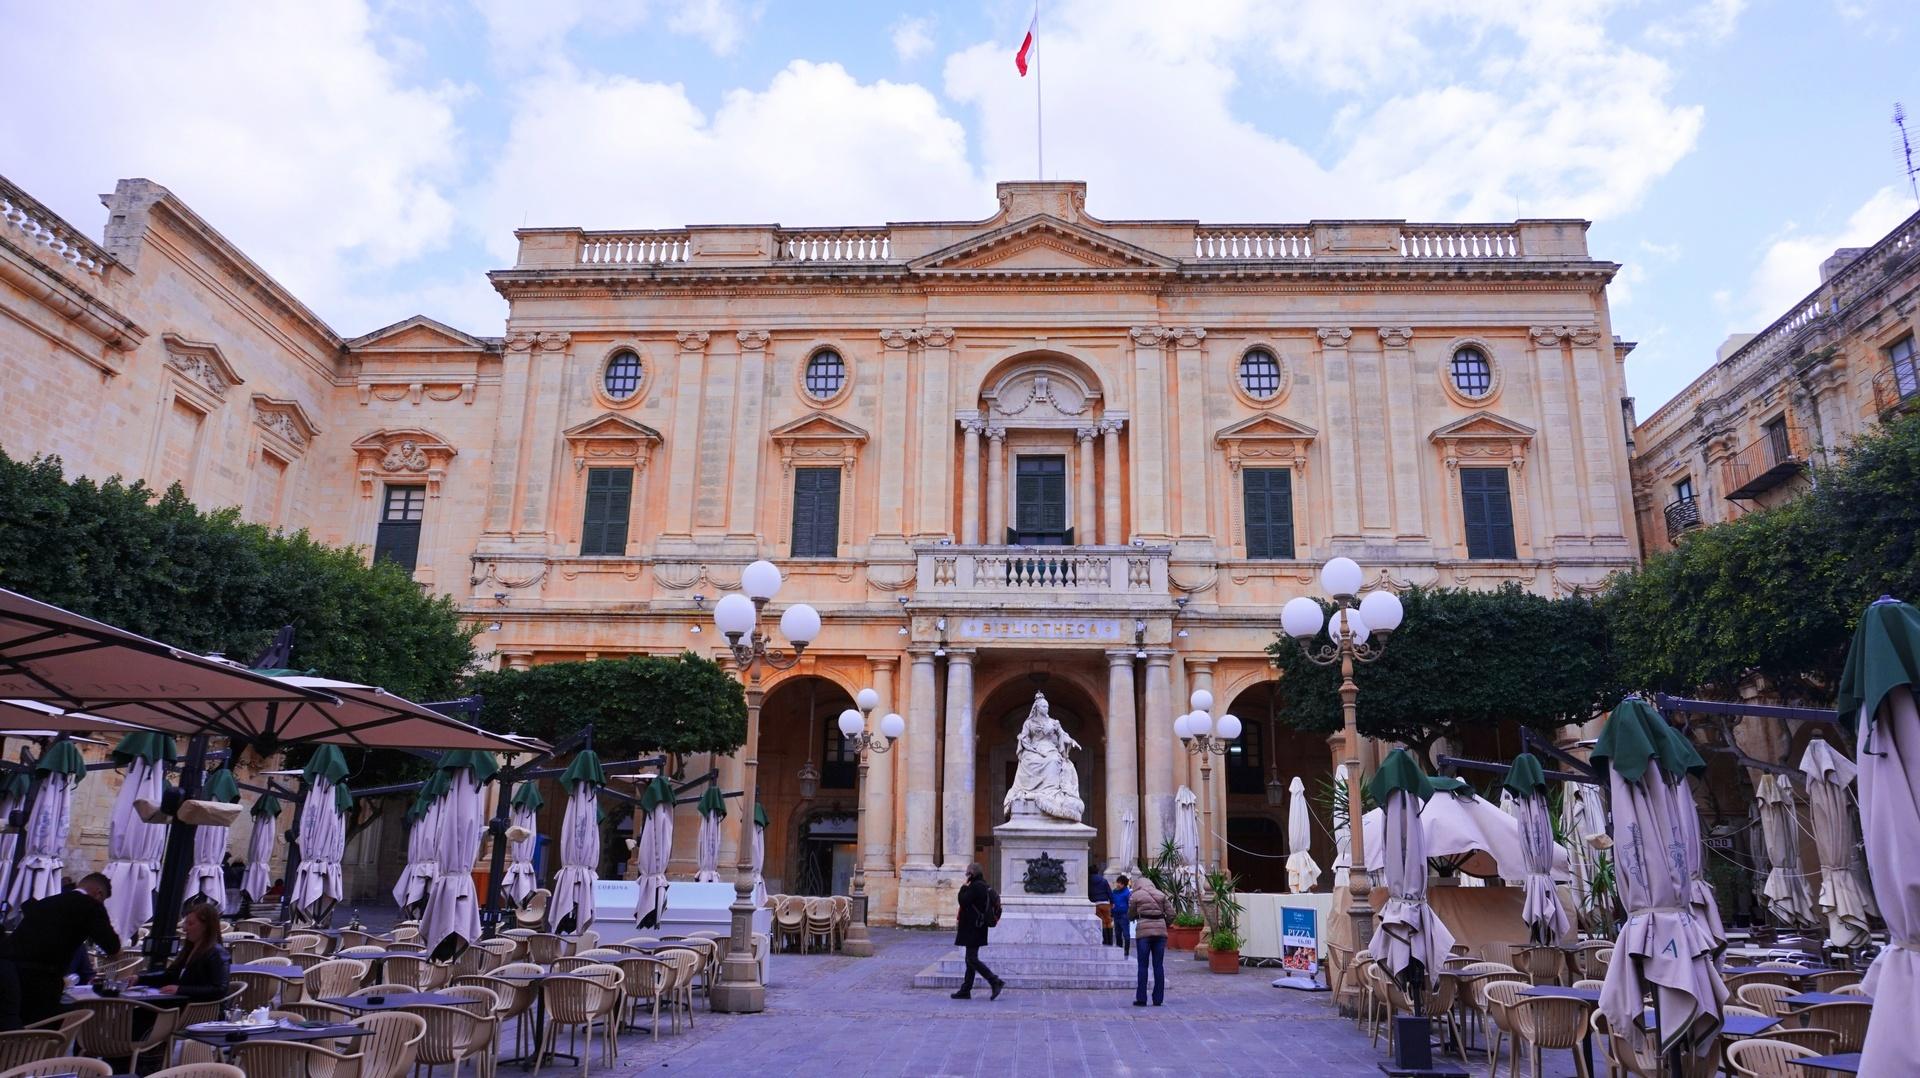 Biblioteka w Valletcie, Malta | Sway the way